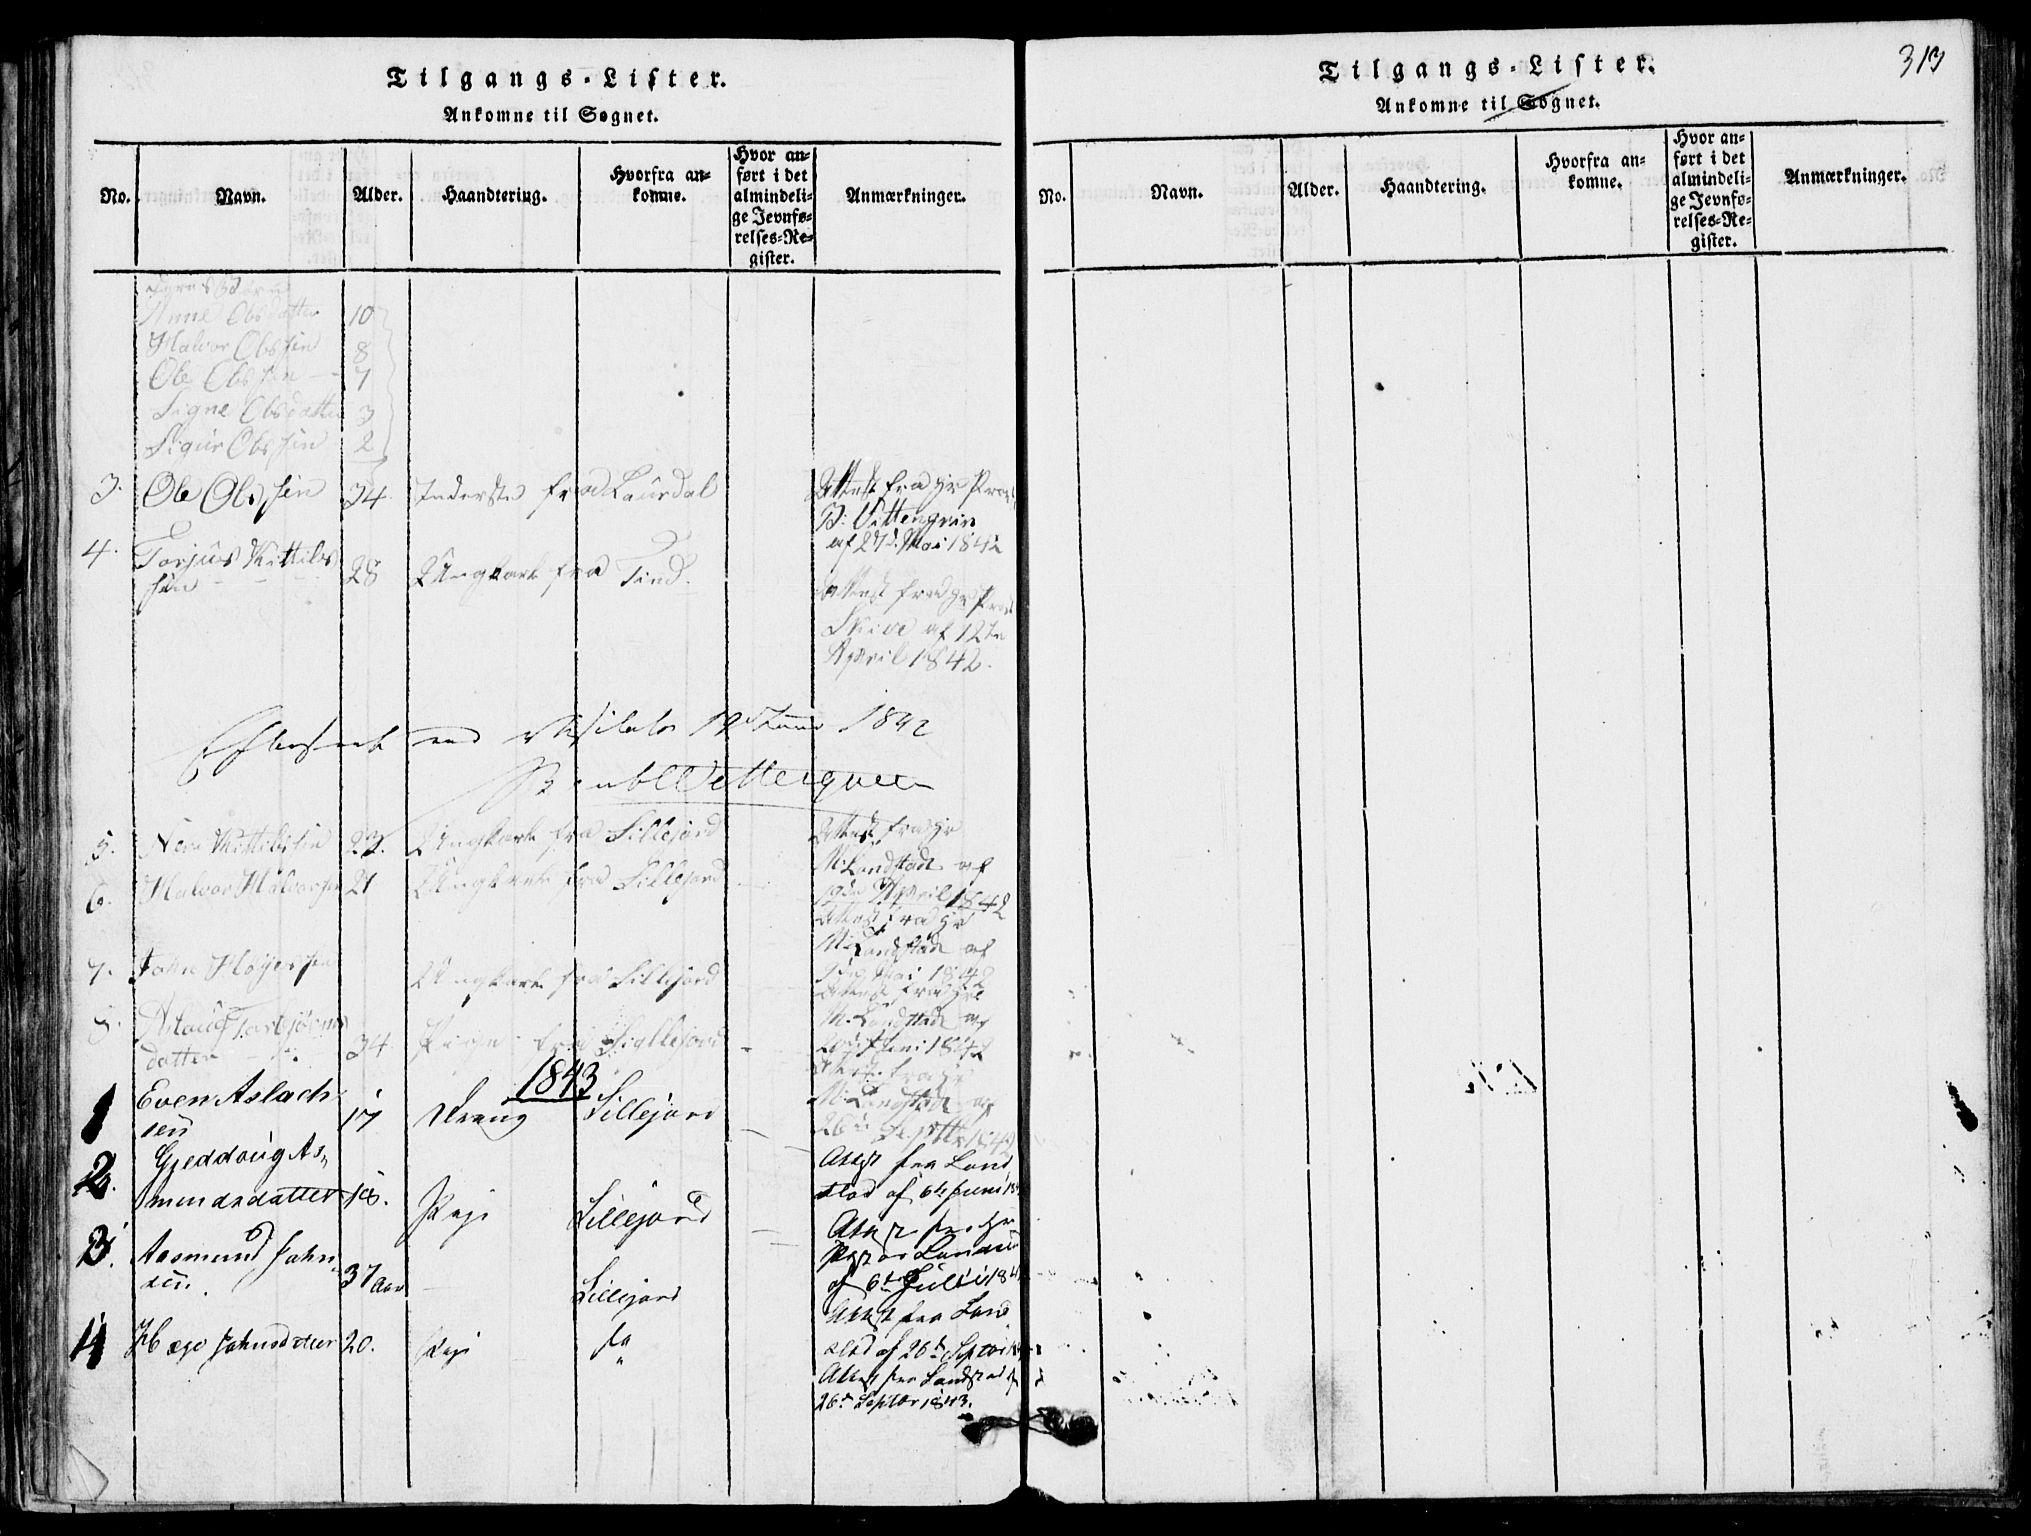 SAKO, Rauland kirkebøker, G/Ga/L0001: Klokkerbok nr. I 1, 1814-1843, s. 313